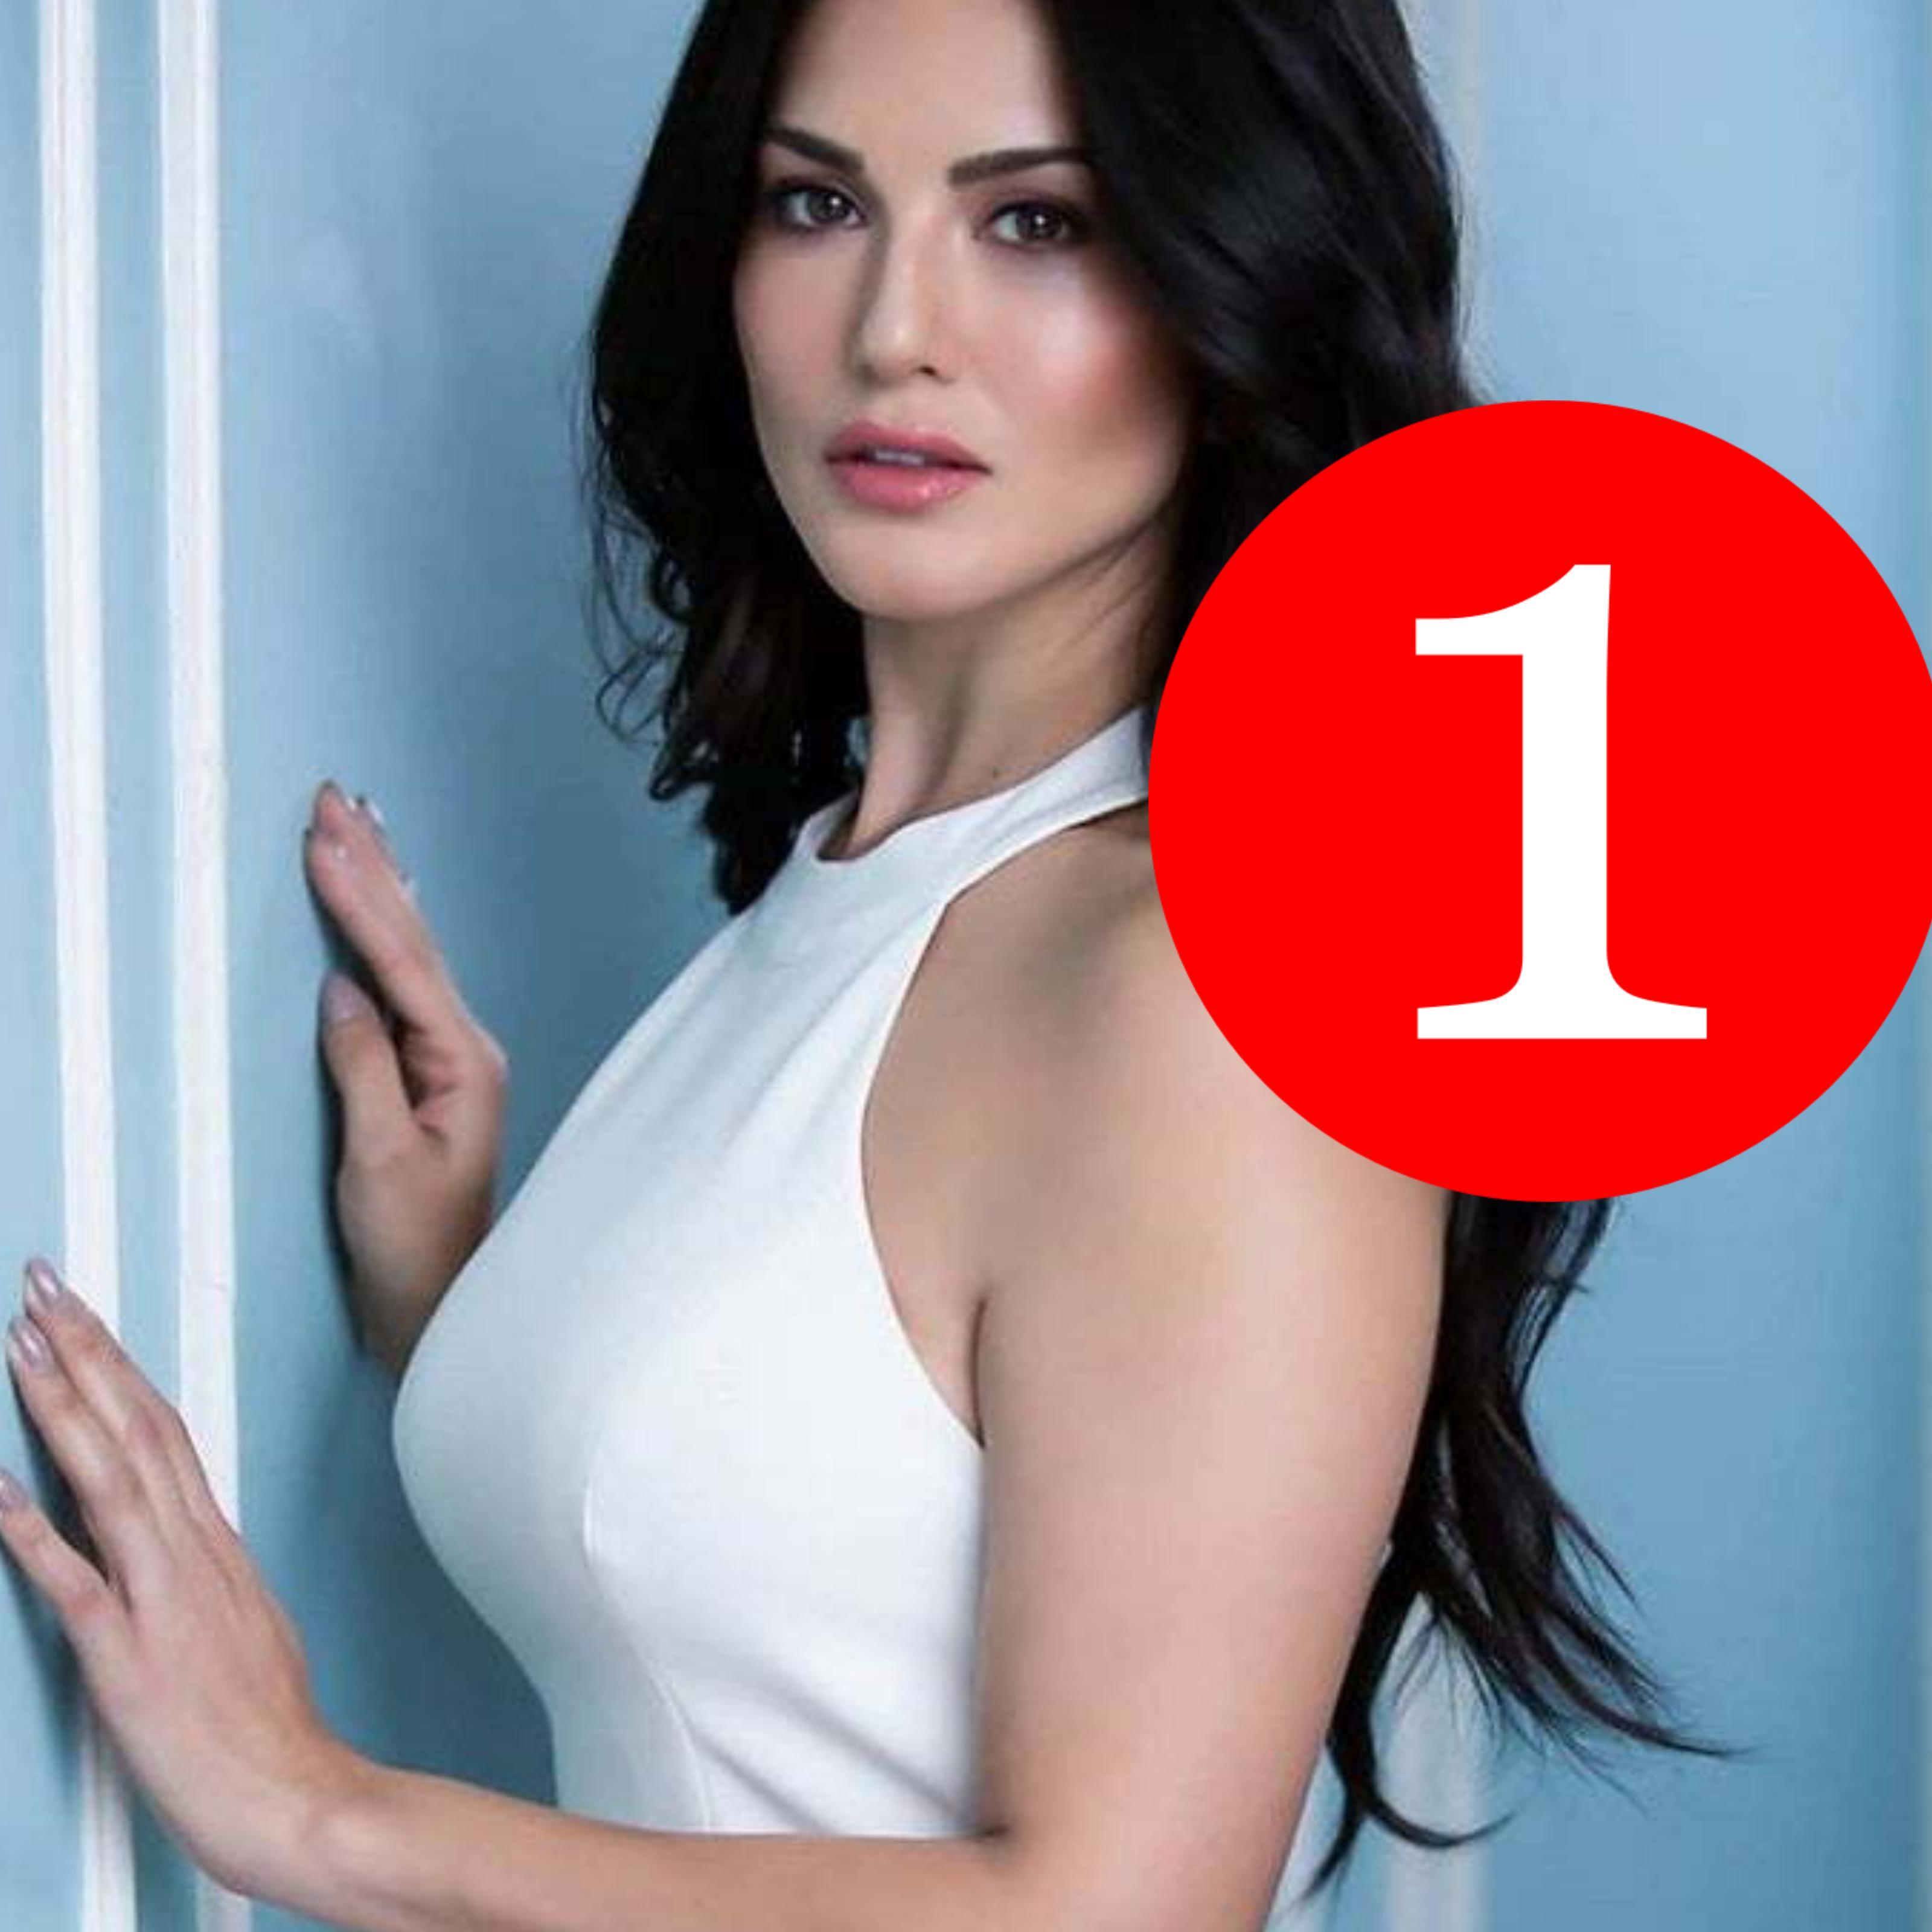 ये है बॉलीवुड की 5 सबसे गोरी अभिनेत्री, नंबर 1 पर है सबसे खूबसूरत